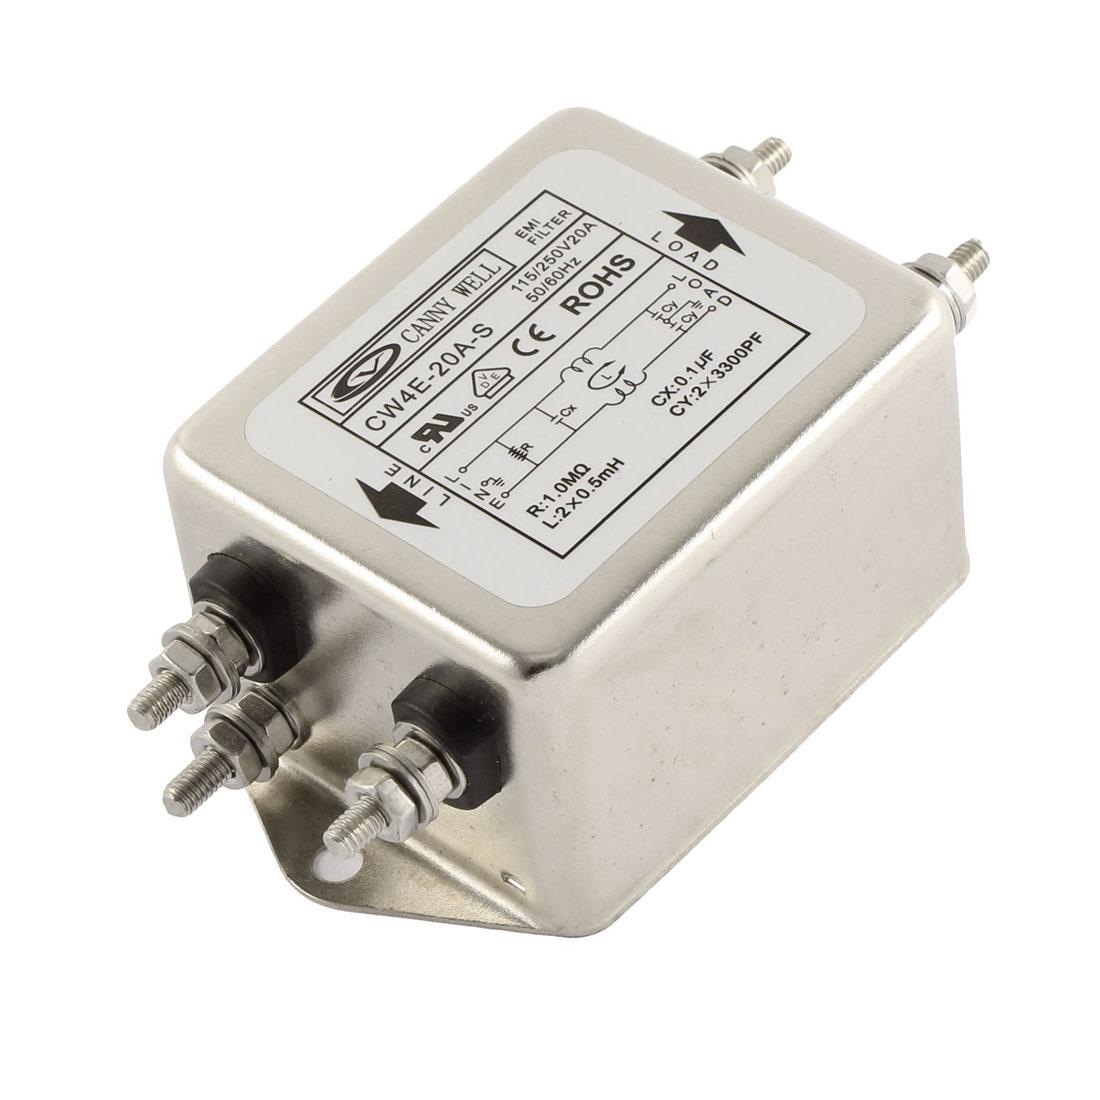 AC 115/250V 20A CW4E-20A-S Noise Suppressor Power EMI Filter